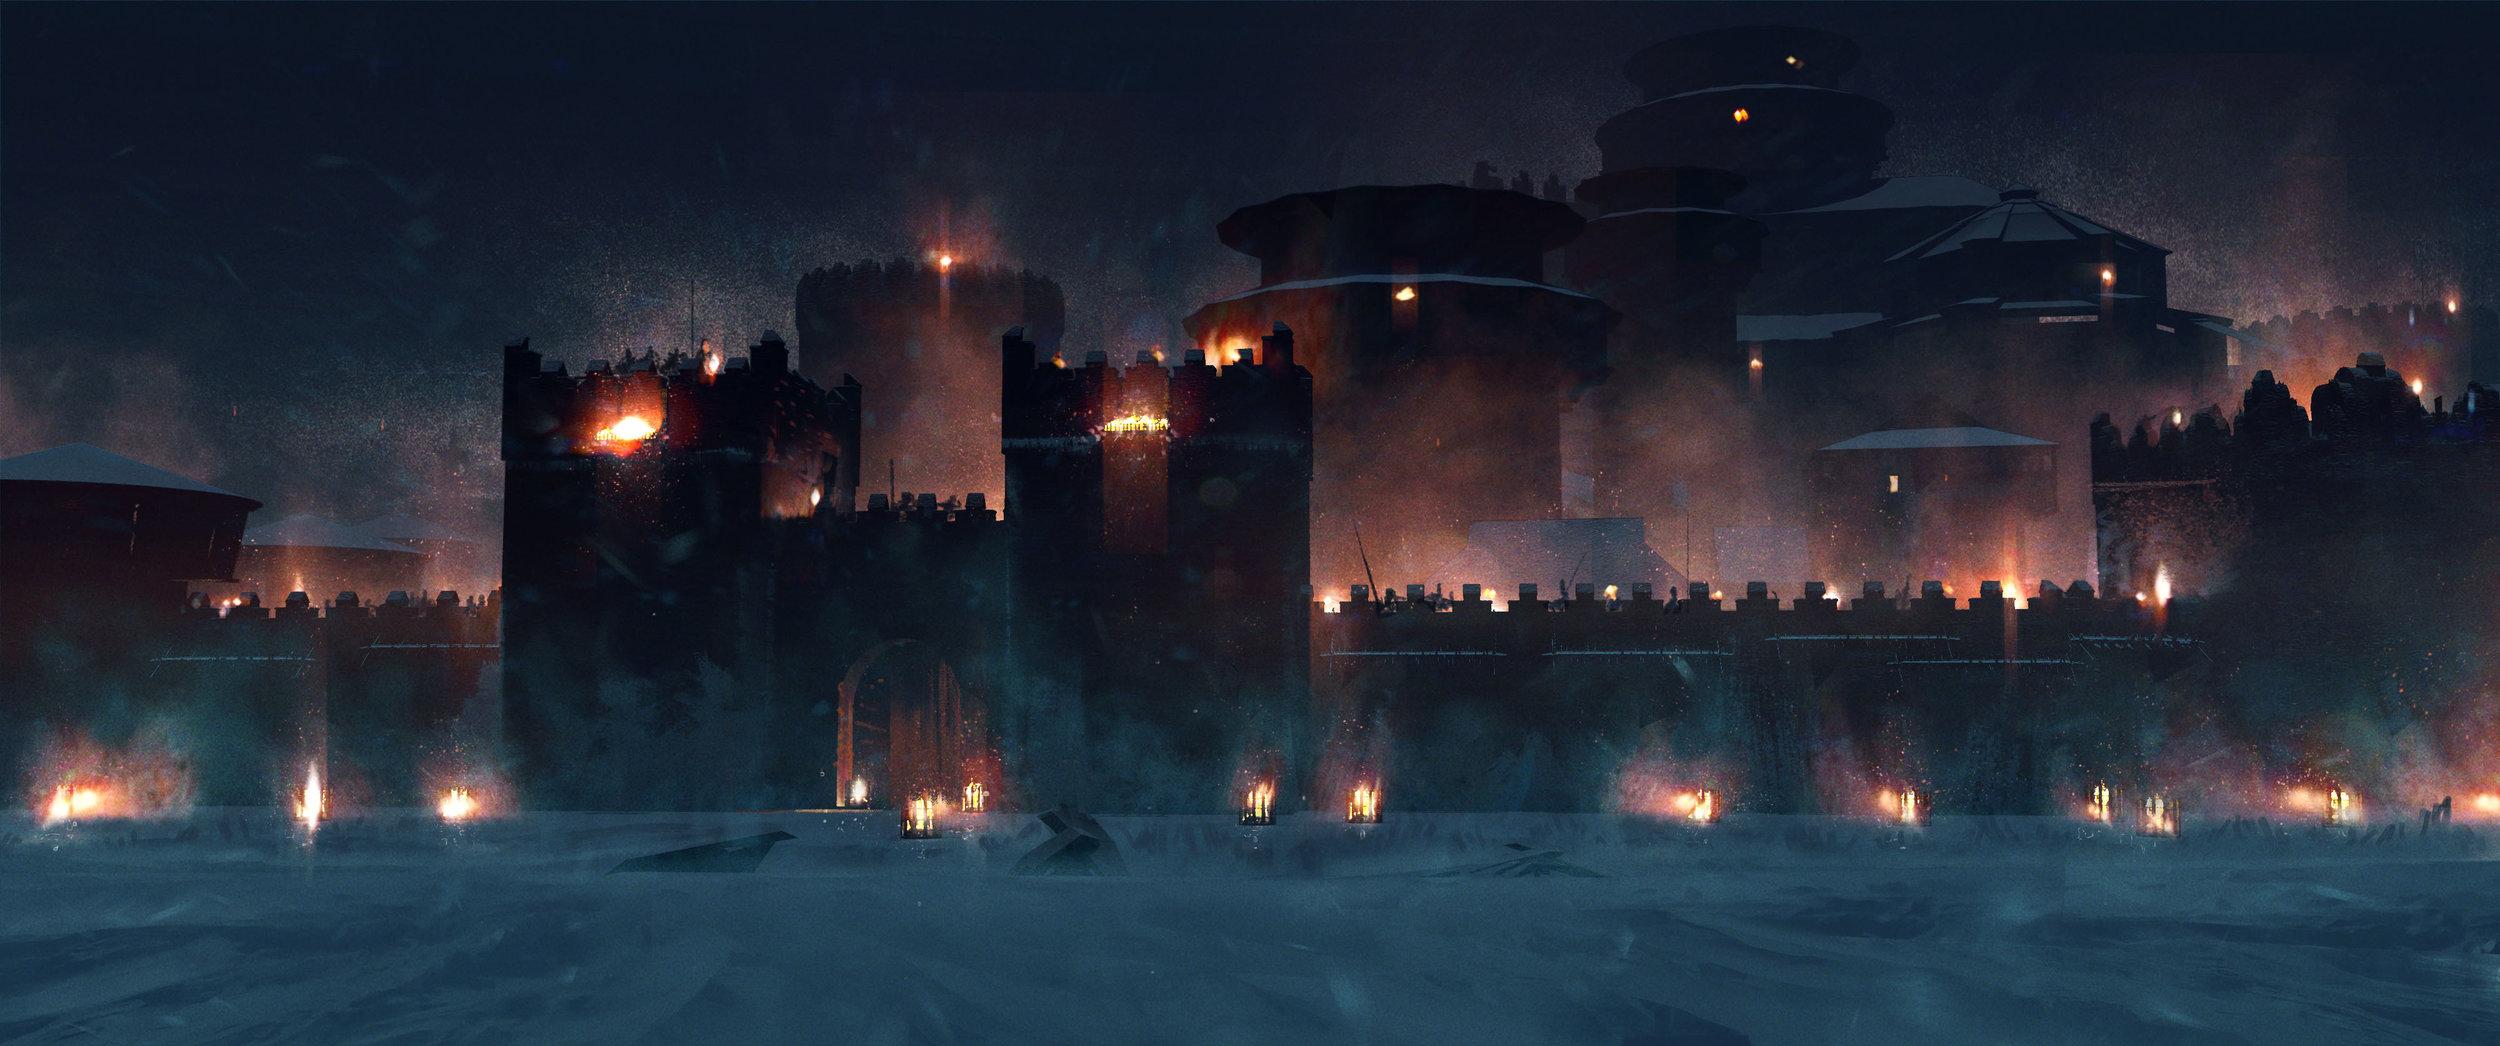 GOT8_Winterfell_Walls_Fortification_002b_ps copy.jpg